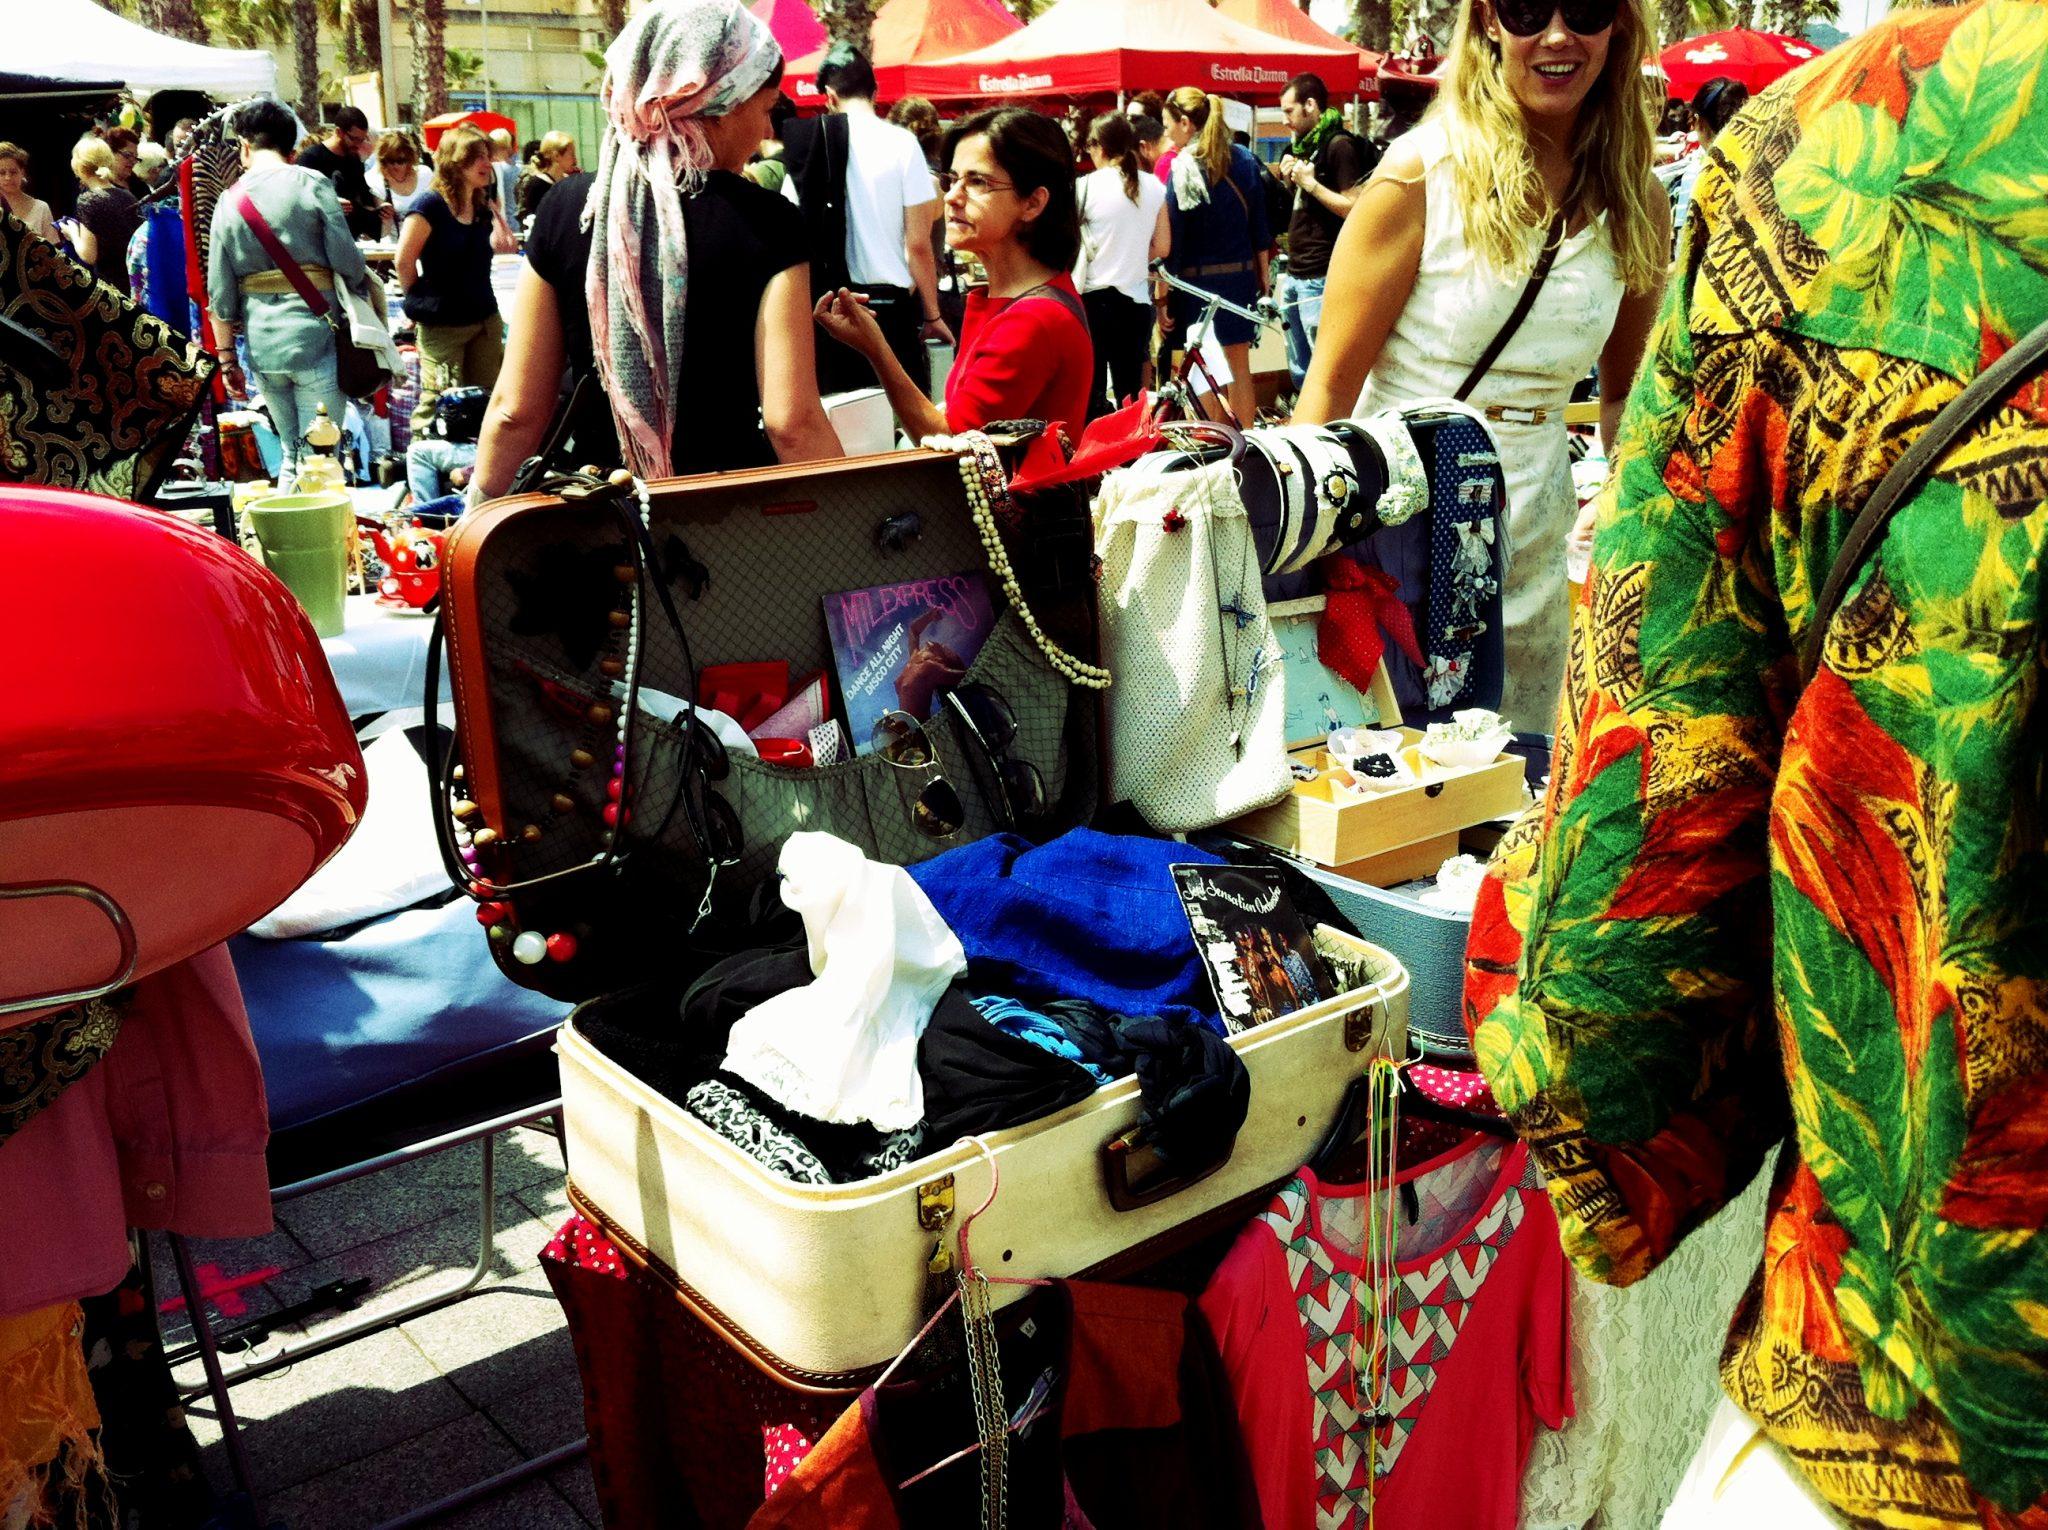 Cosas que hacer en verano en barcelona - Mercadillos segunda mano madrid ...